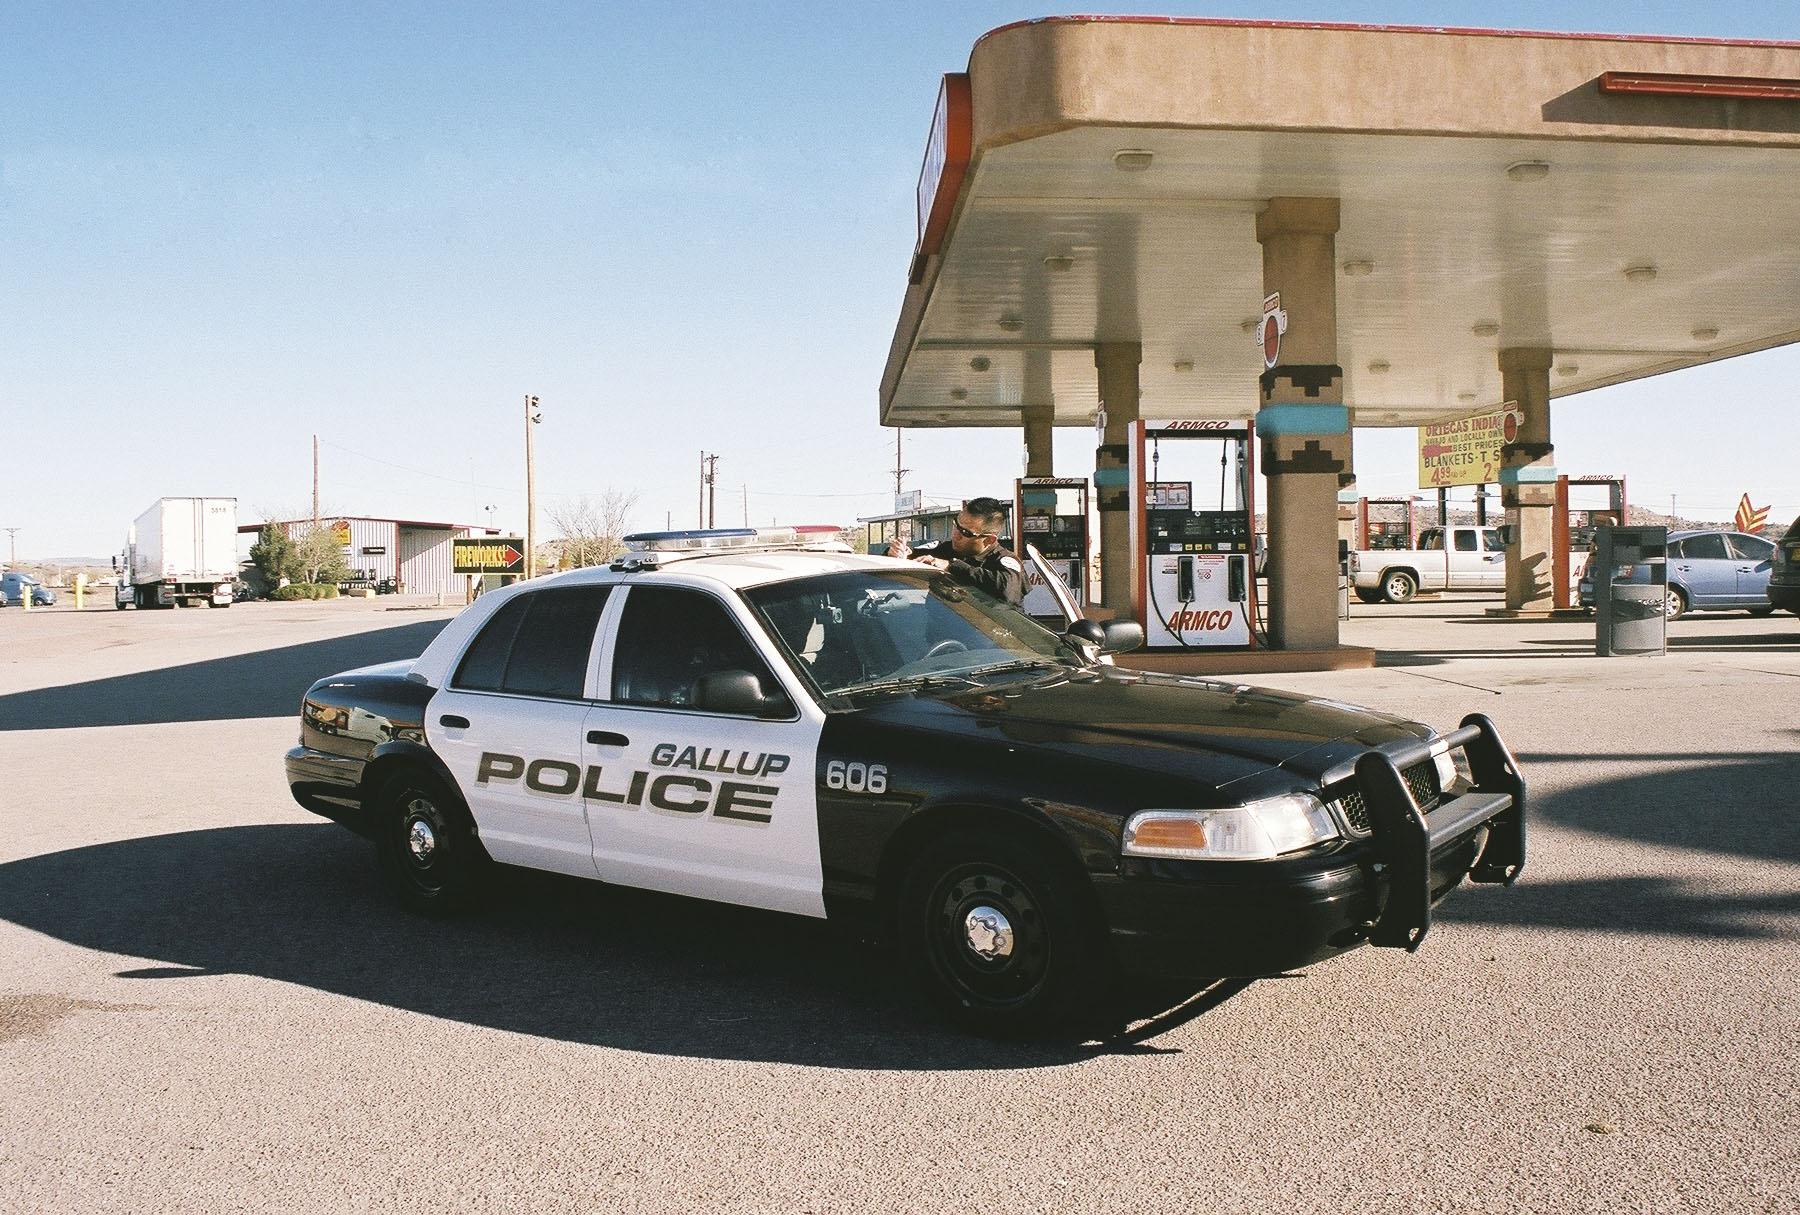 New Mexico, 2013